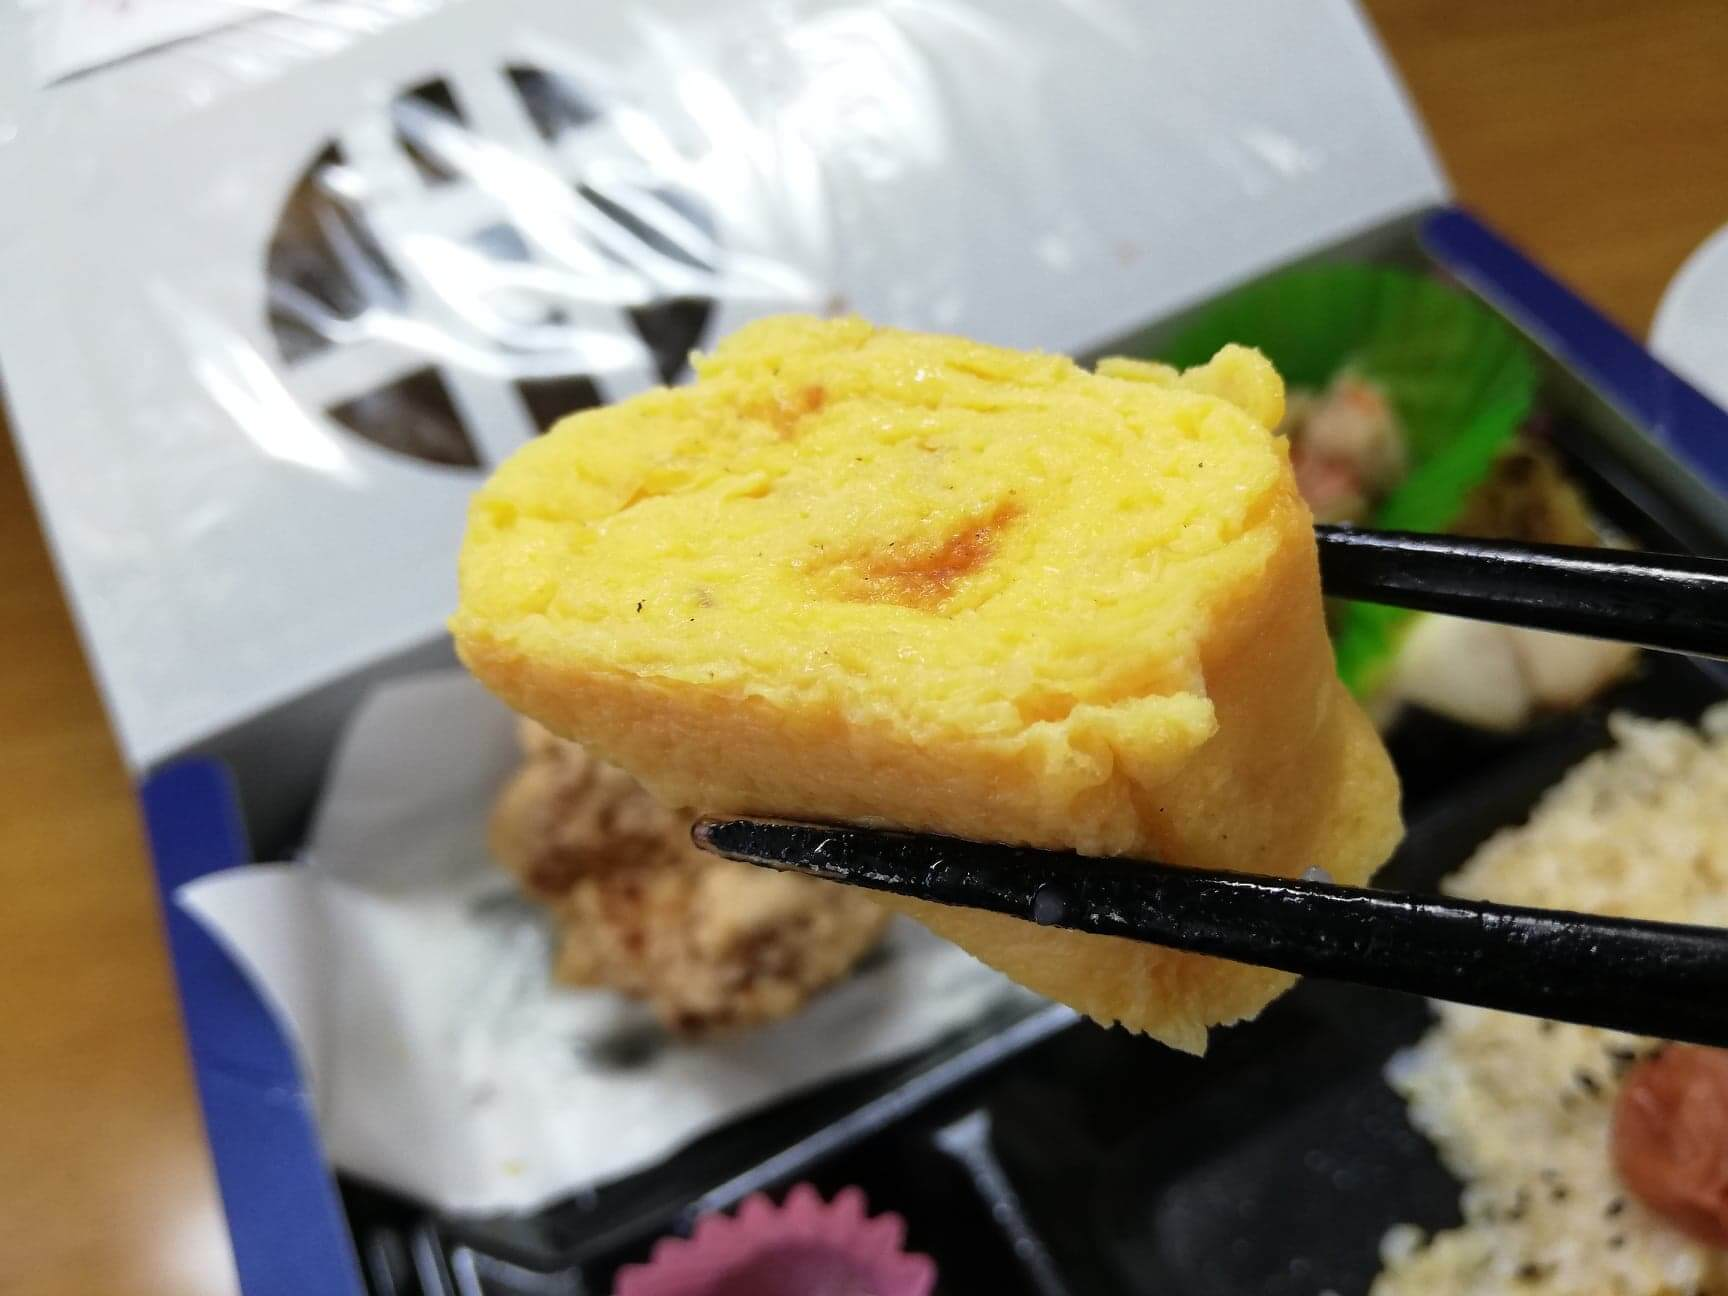 『からあげ割烹福のから』の塩麹からあげ幕の内弁当に入っている惣菜の写真